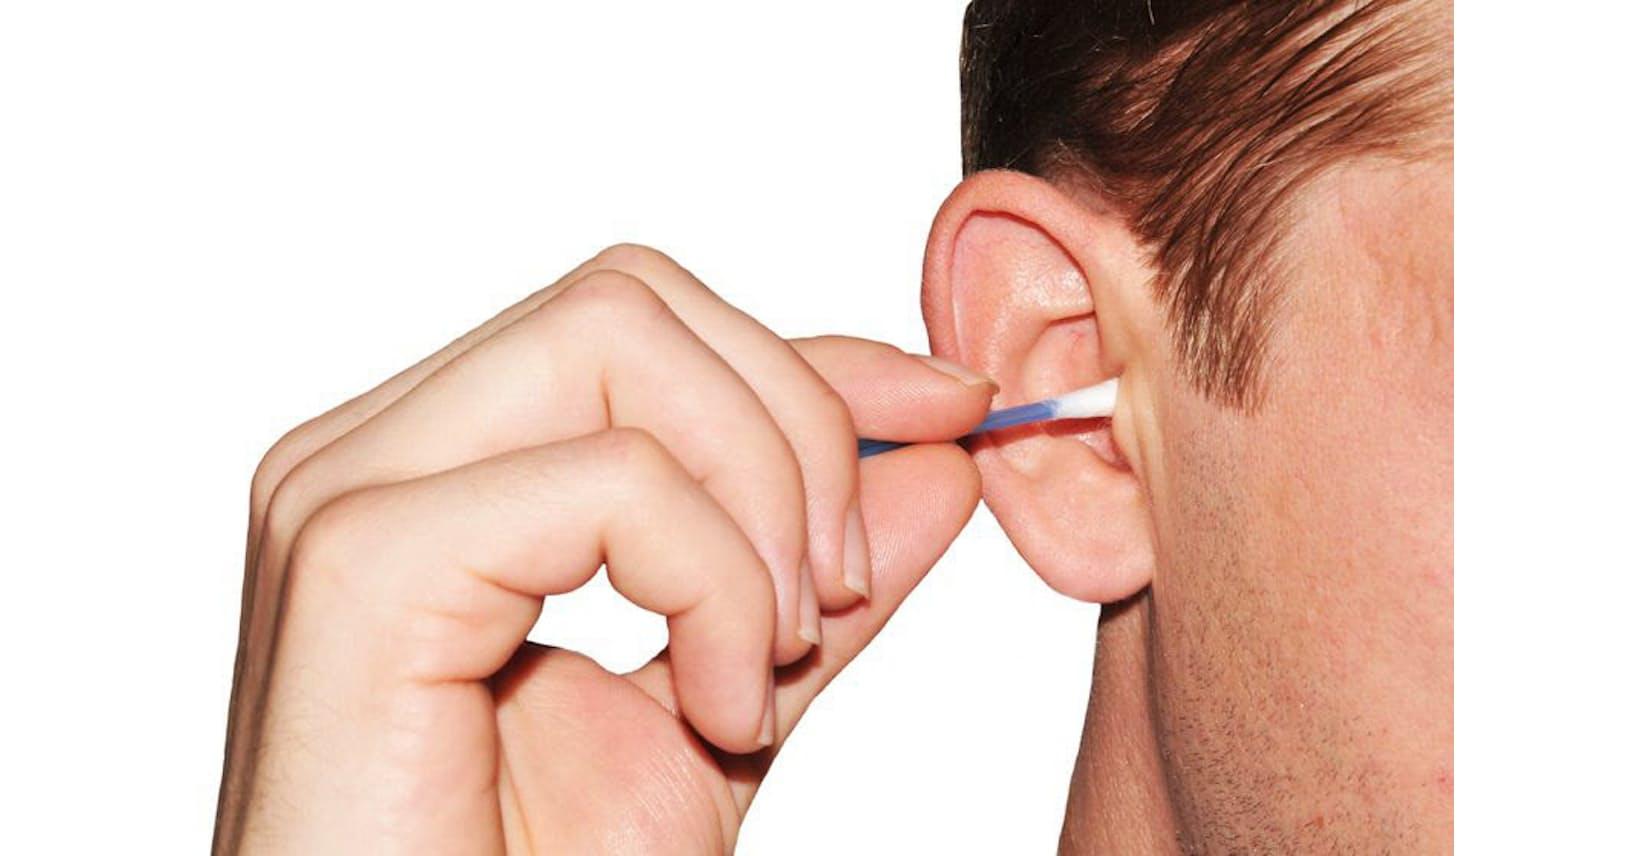 耳 掃除 やり方